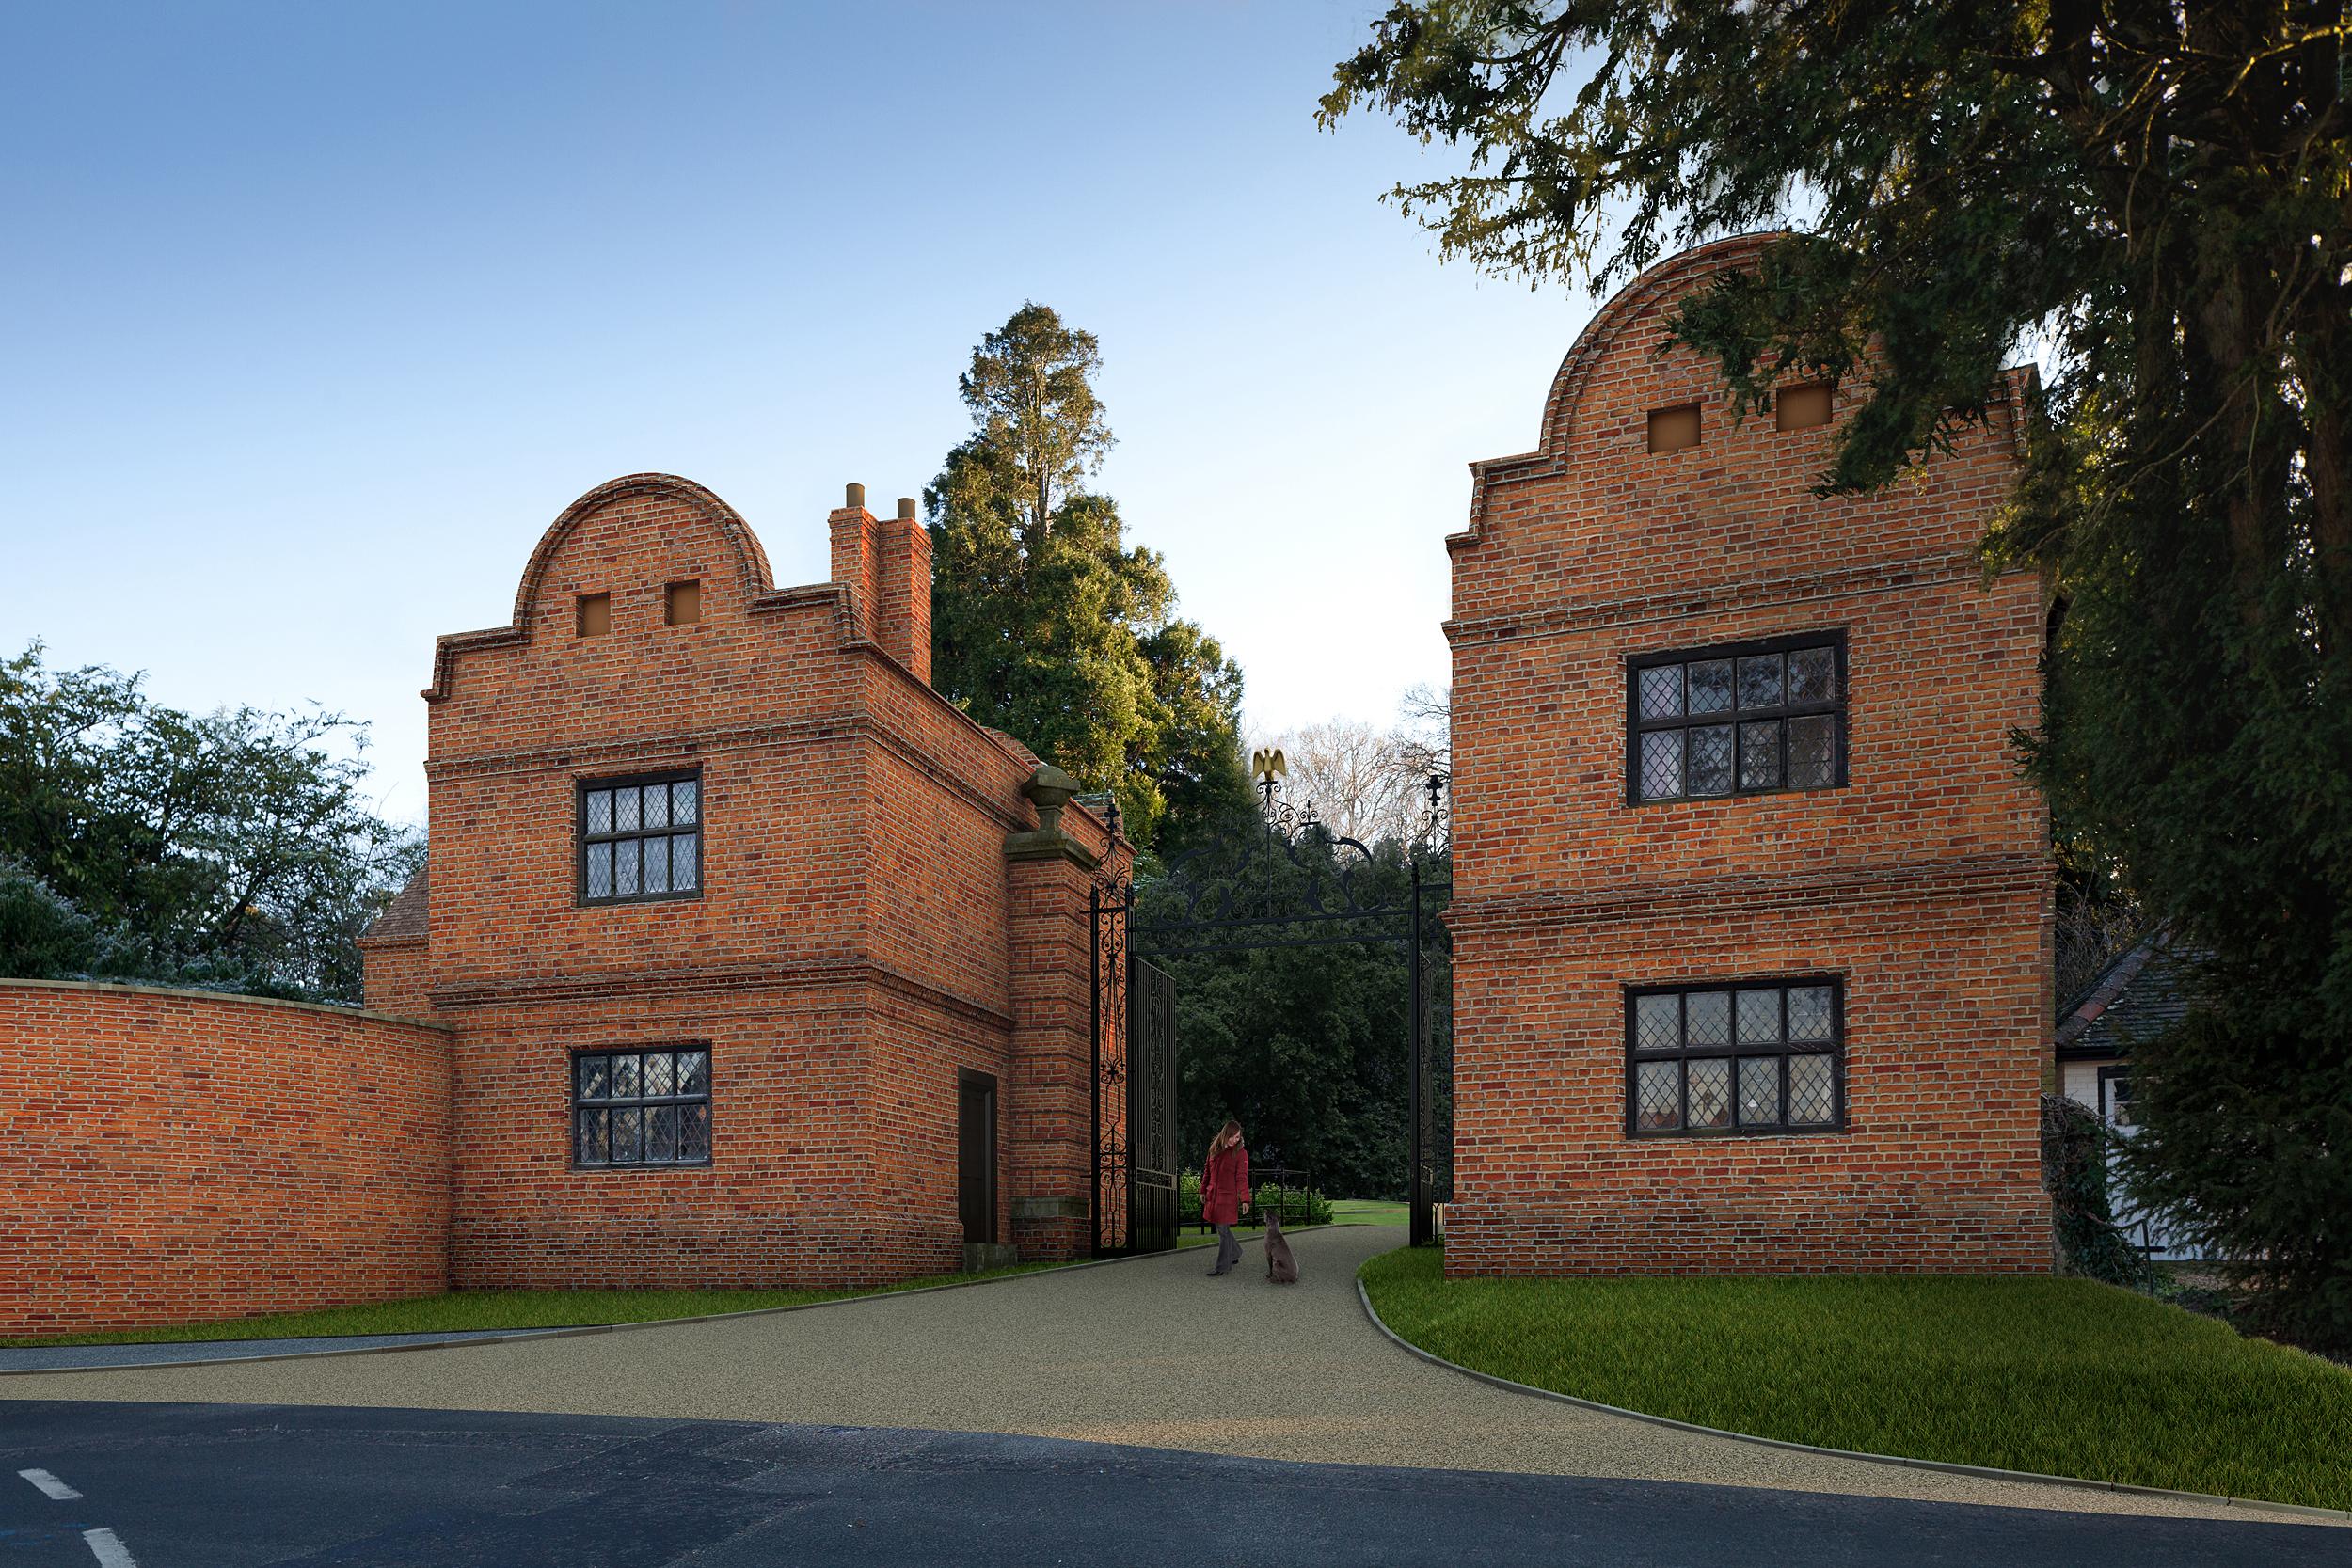 Aldermaston__Gatehouse_Lodge_Outside.jpg